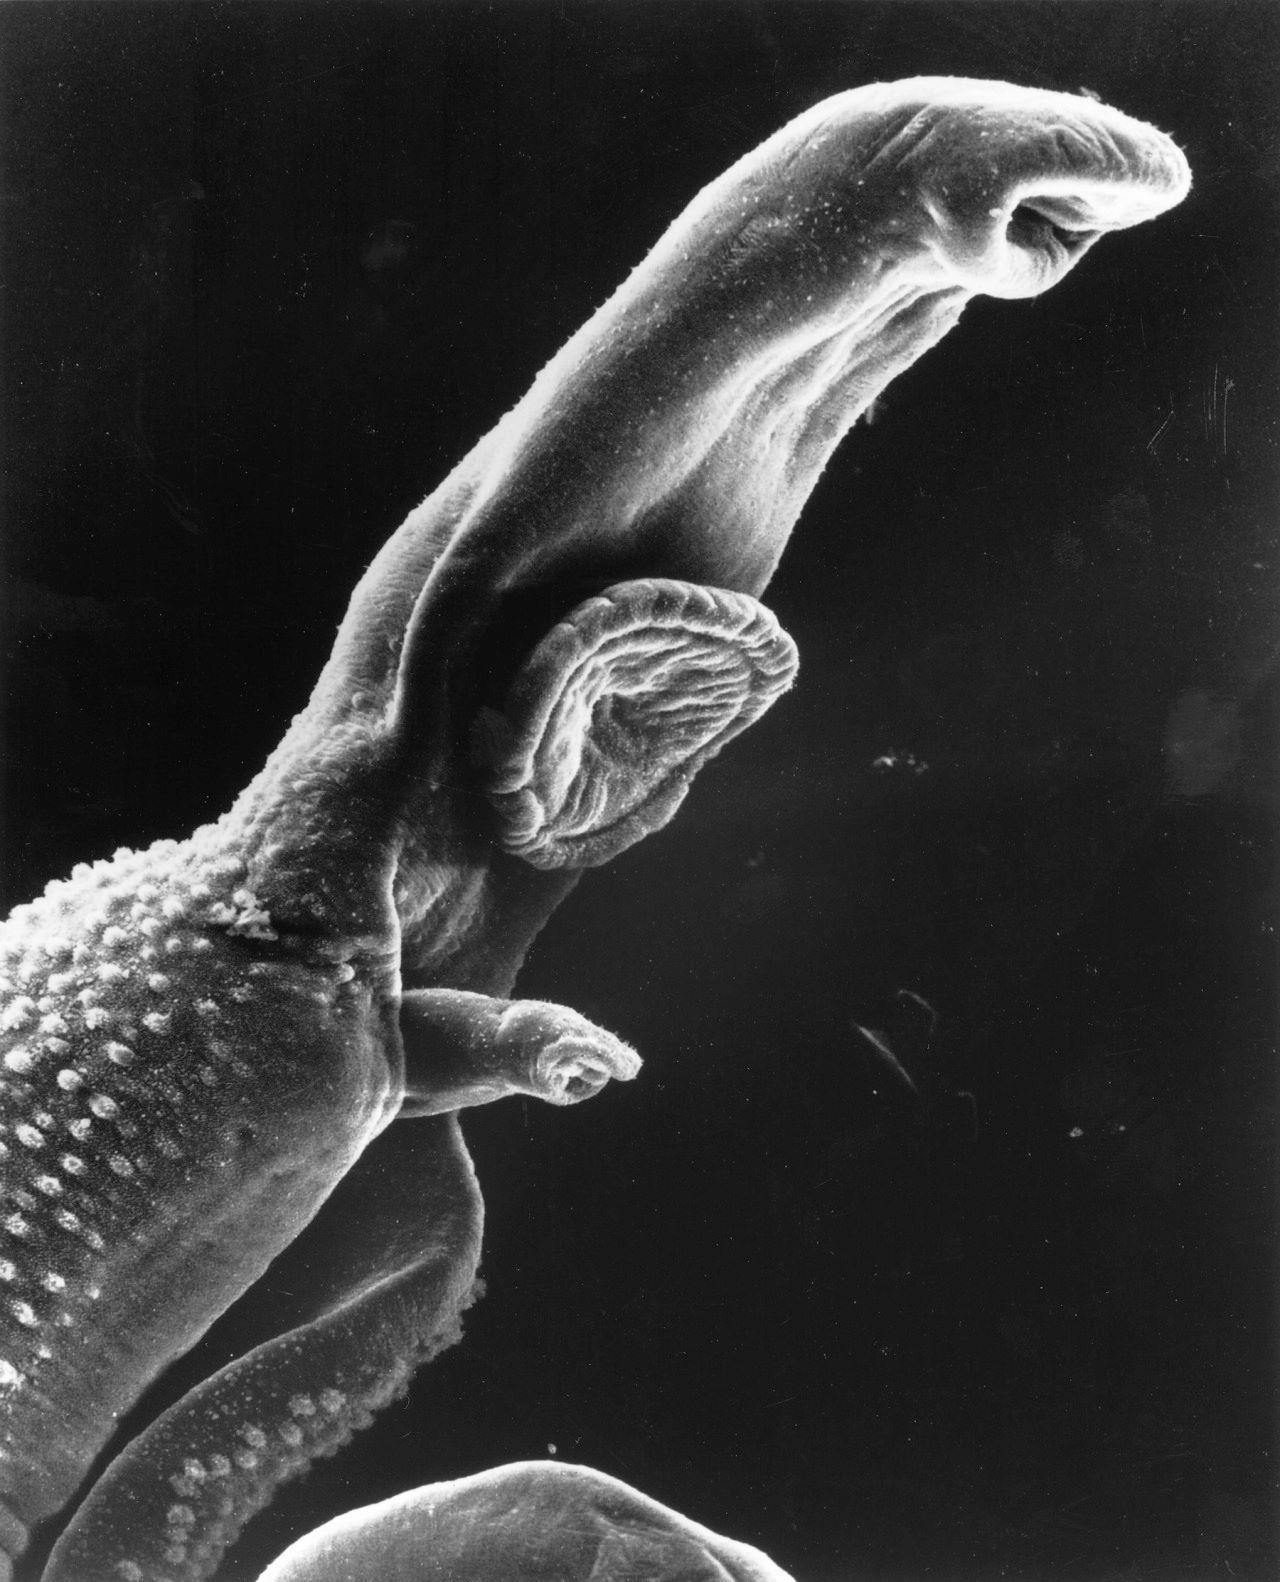 Élhetnek pinworms ek, Pinworms - mi ezek a férgek? Pinworms a fülekben